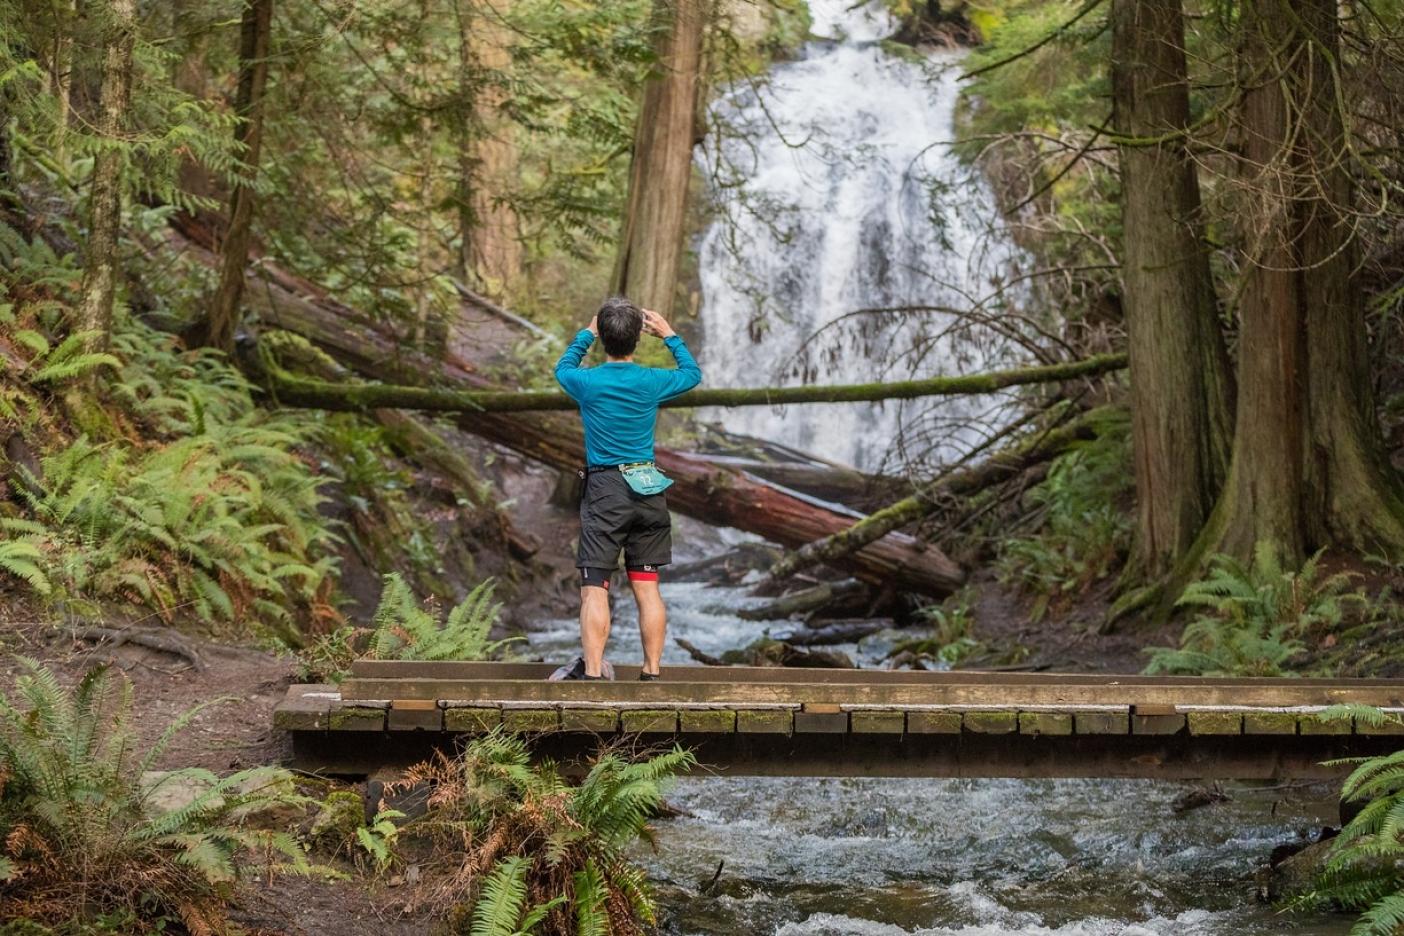 滝の撮影している西城克俊。Photo: Gleen Tachiyama